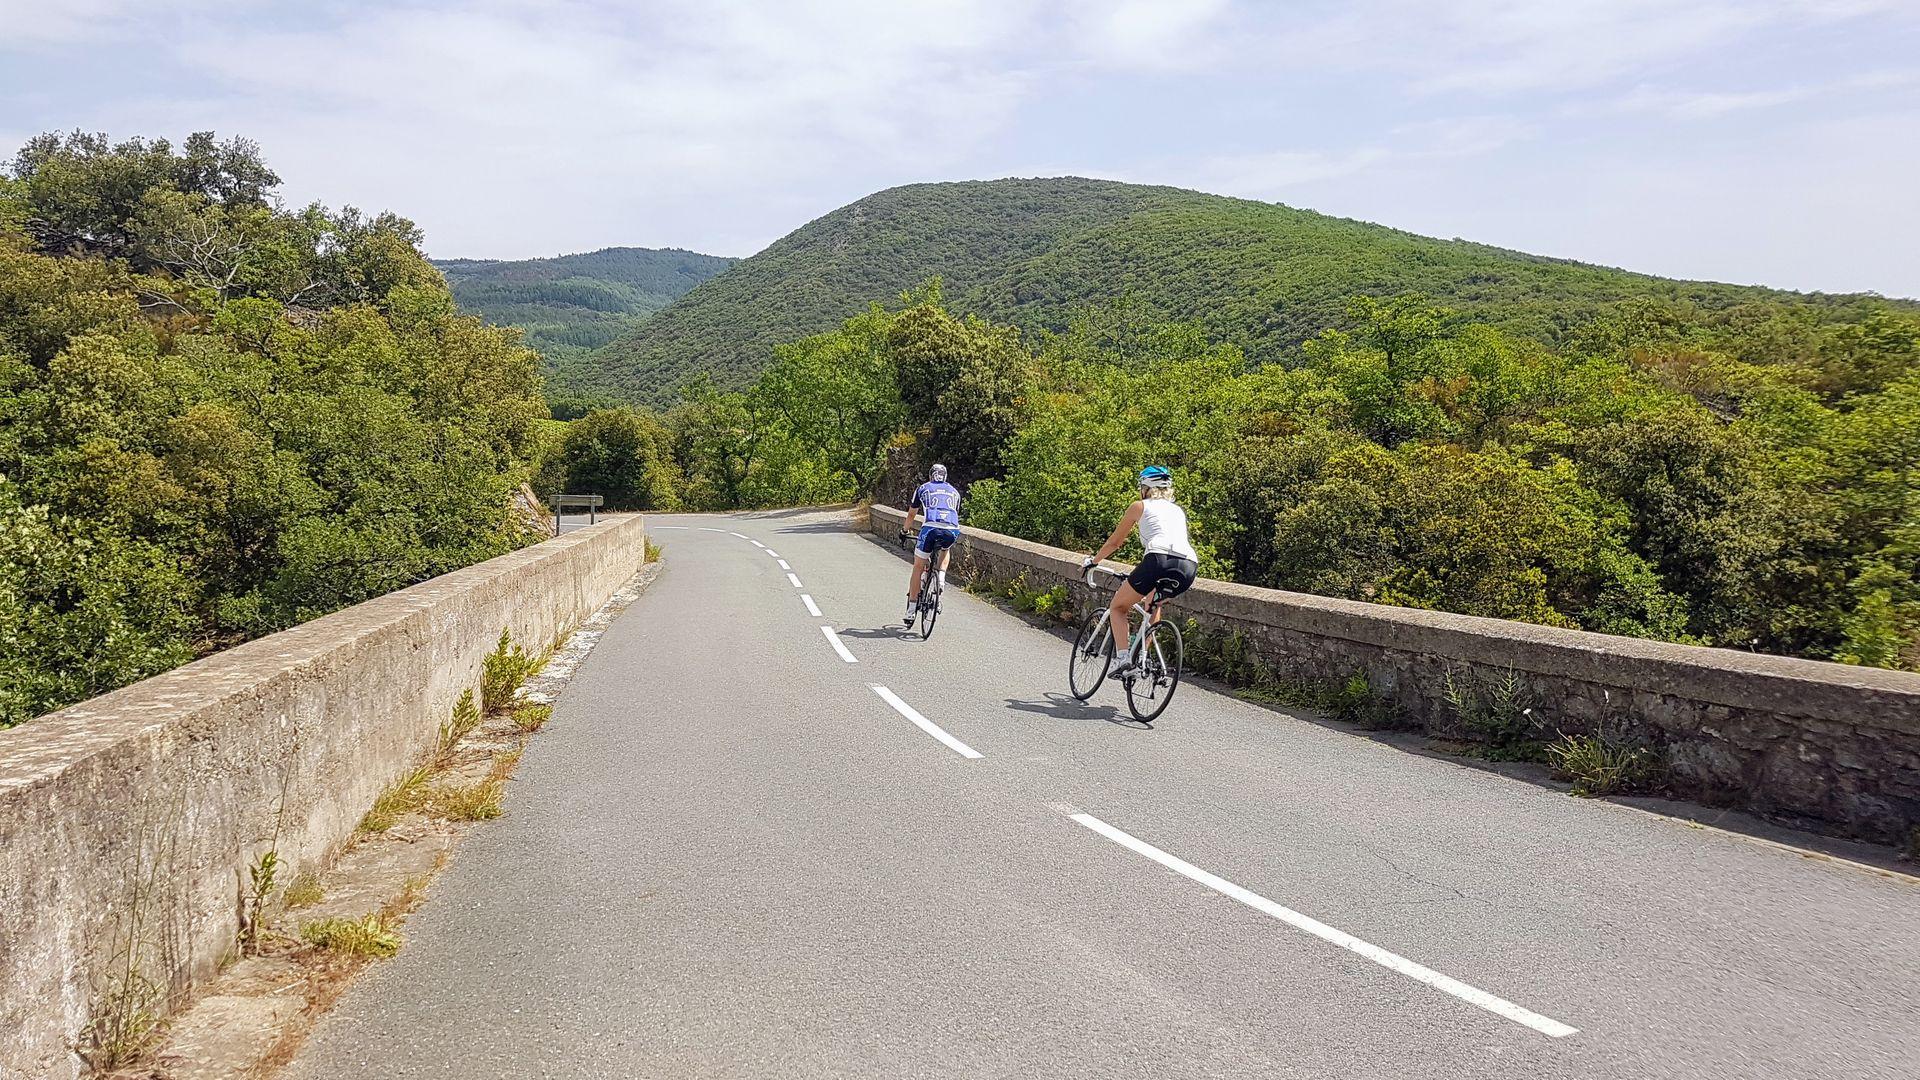 Cyclistes sur la boucle cyclo n°12